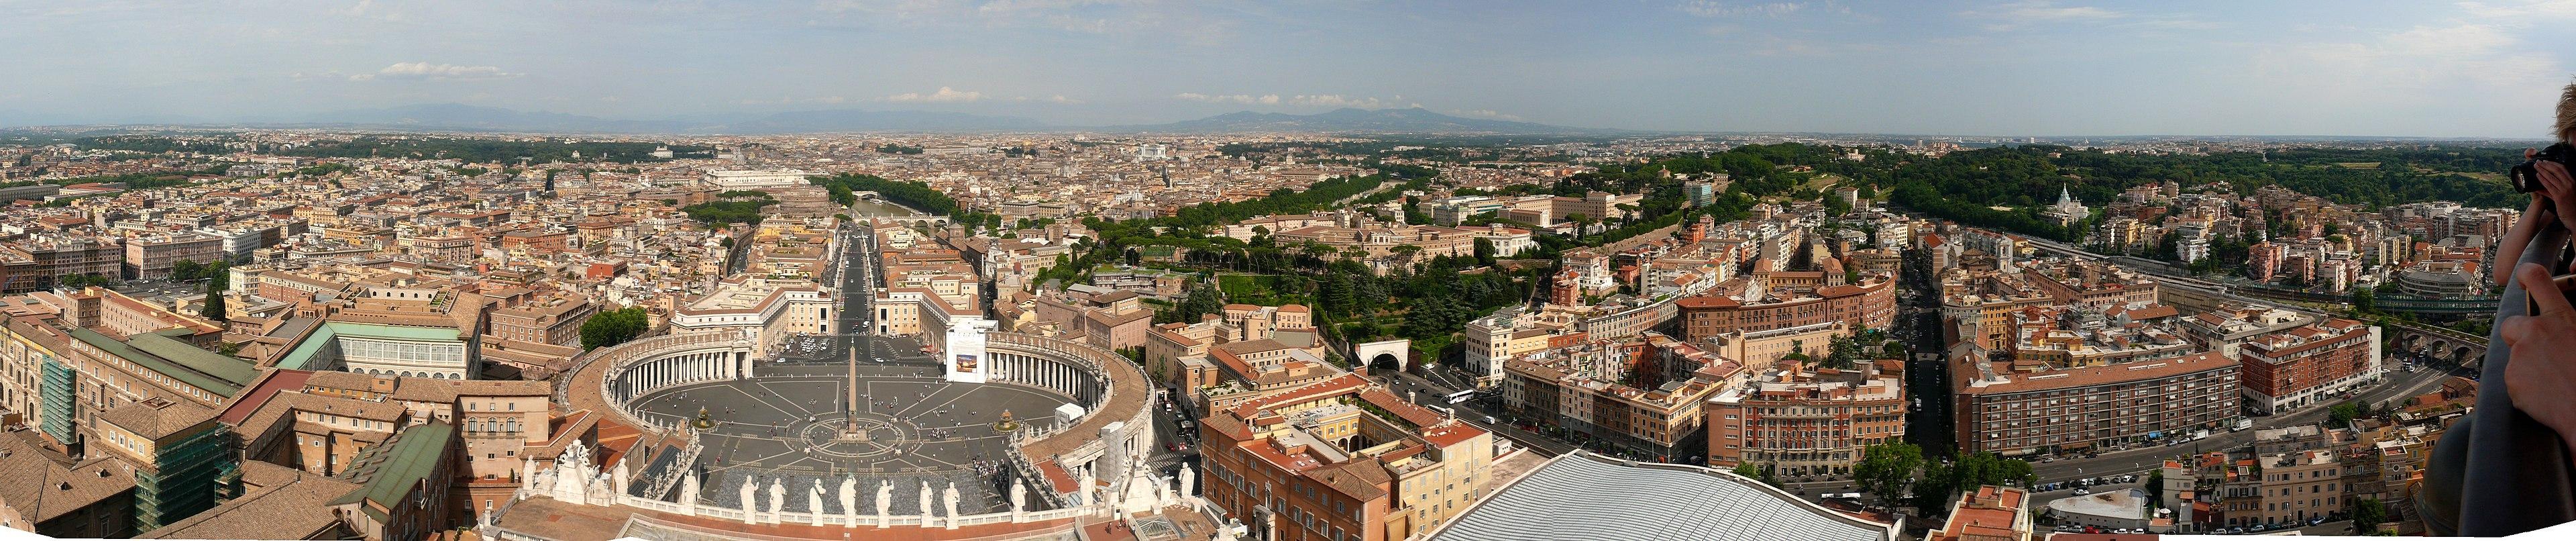 ItWikiCon: la conferenza wiki sta per fare tappa a Roma dal 15 al 17 novembre 2019